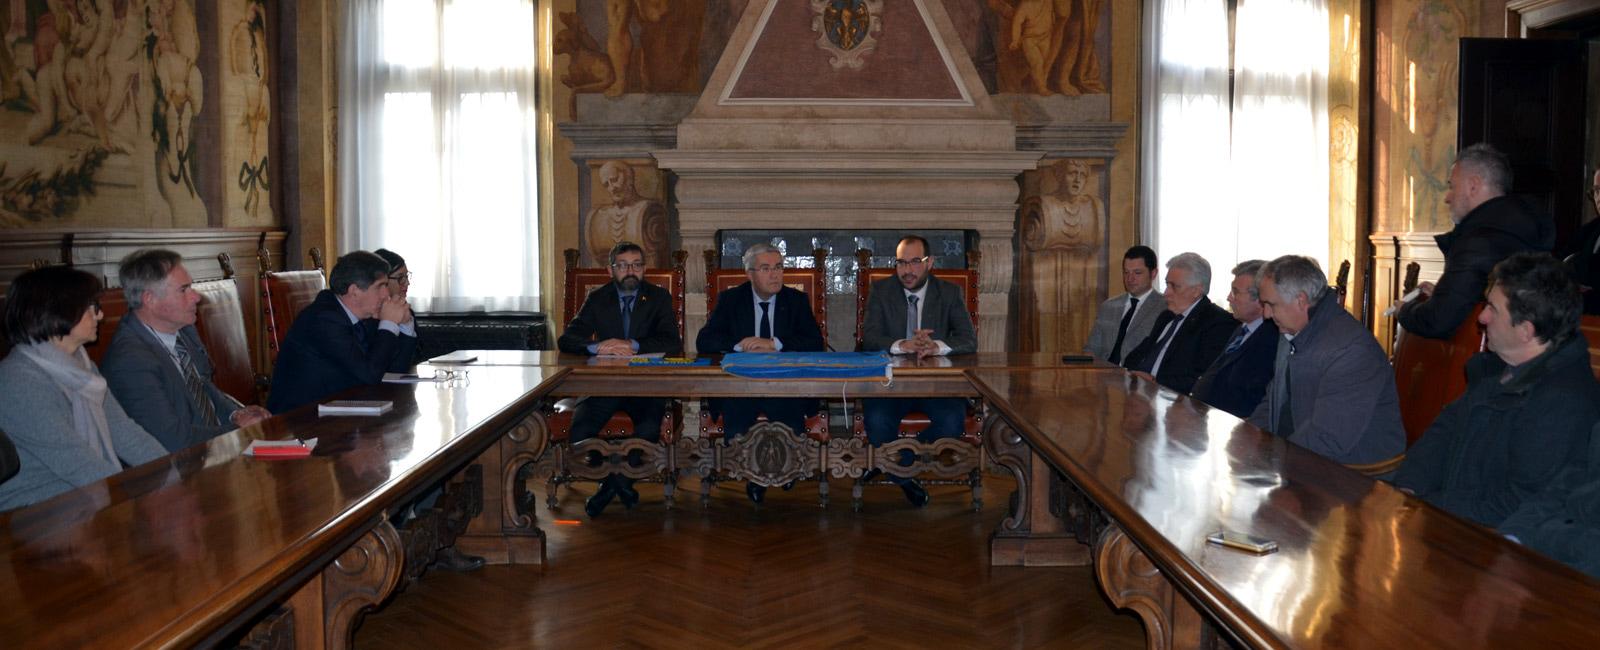 La Provincia di Udine accoglie la comunità di Sappada-2